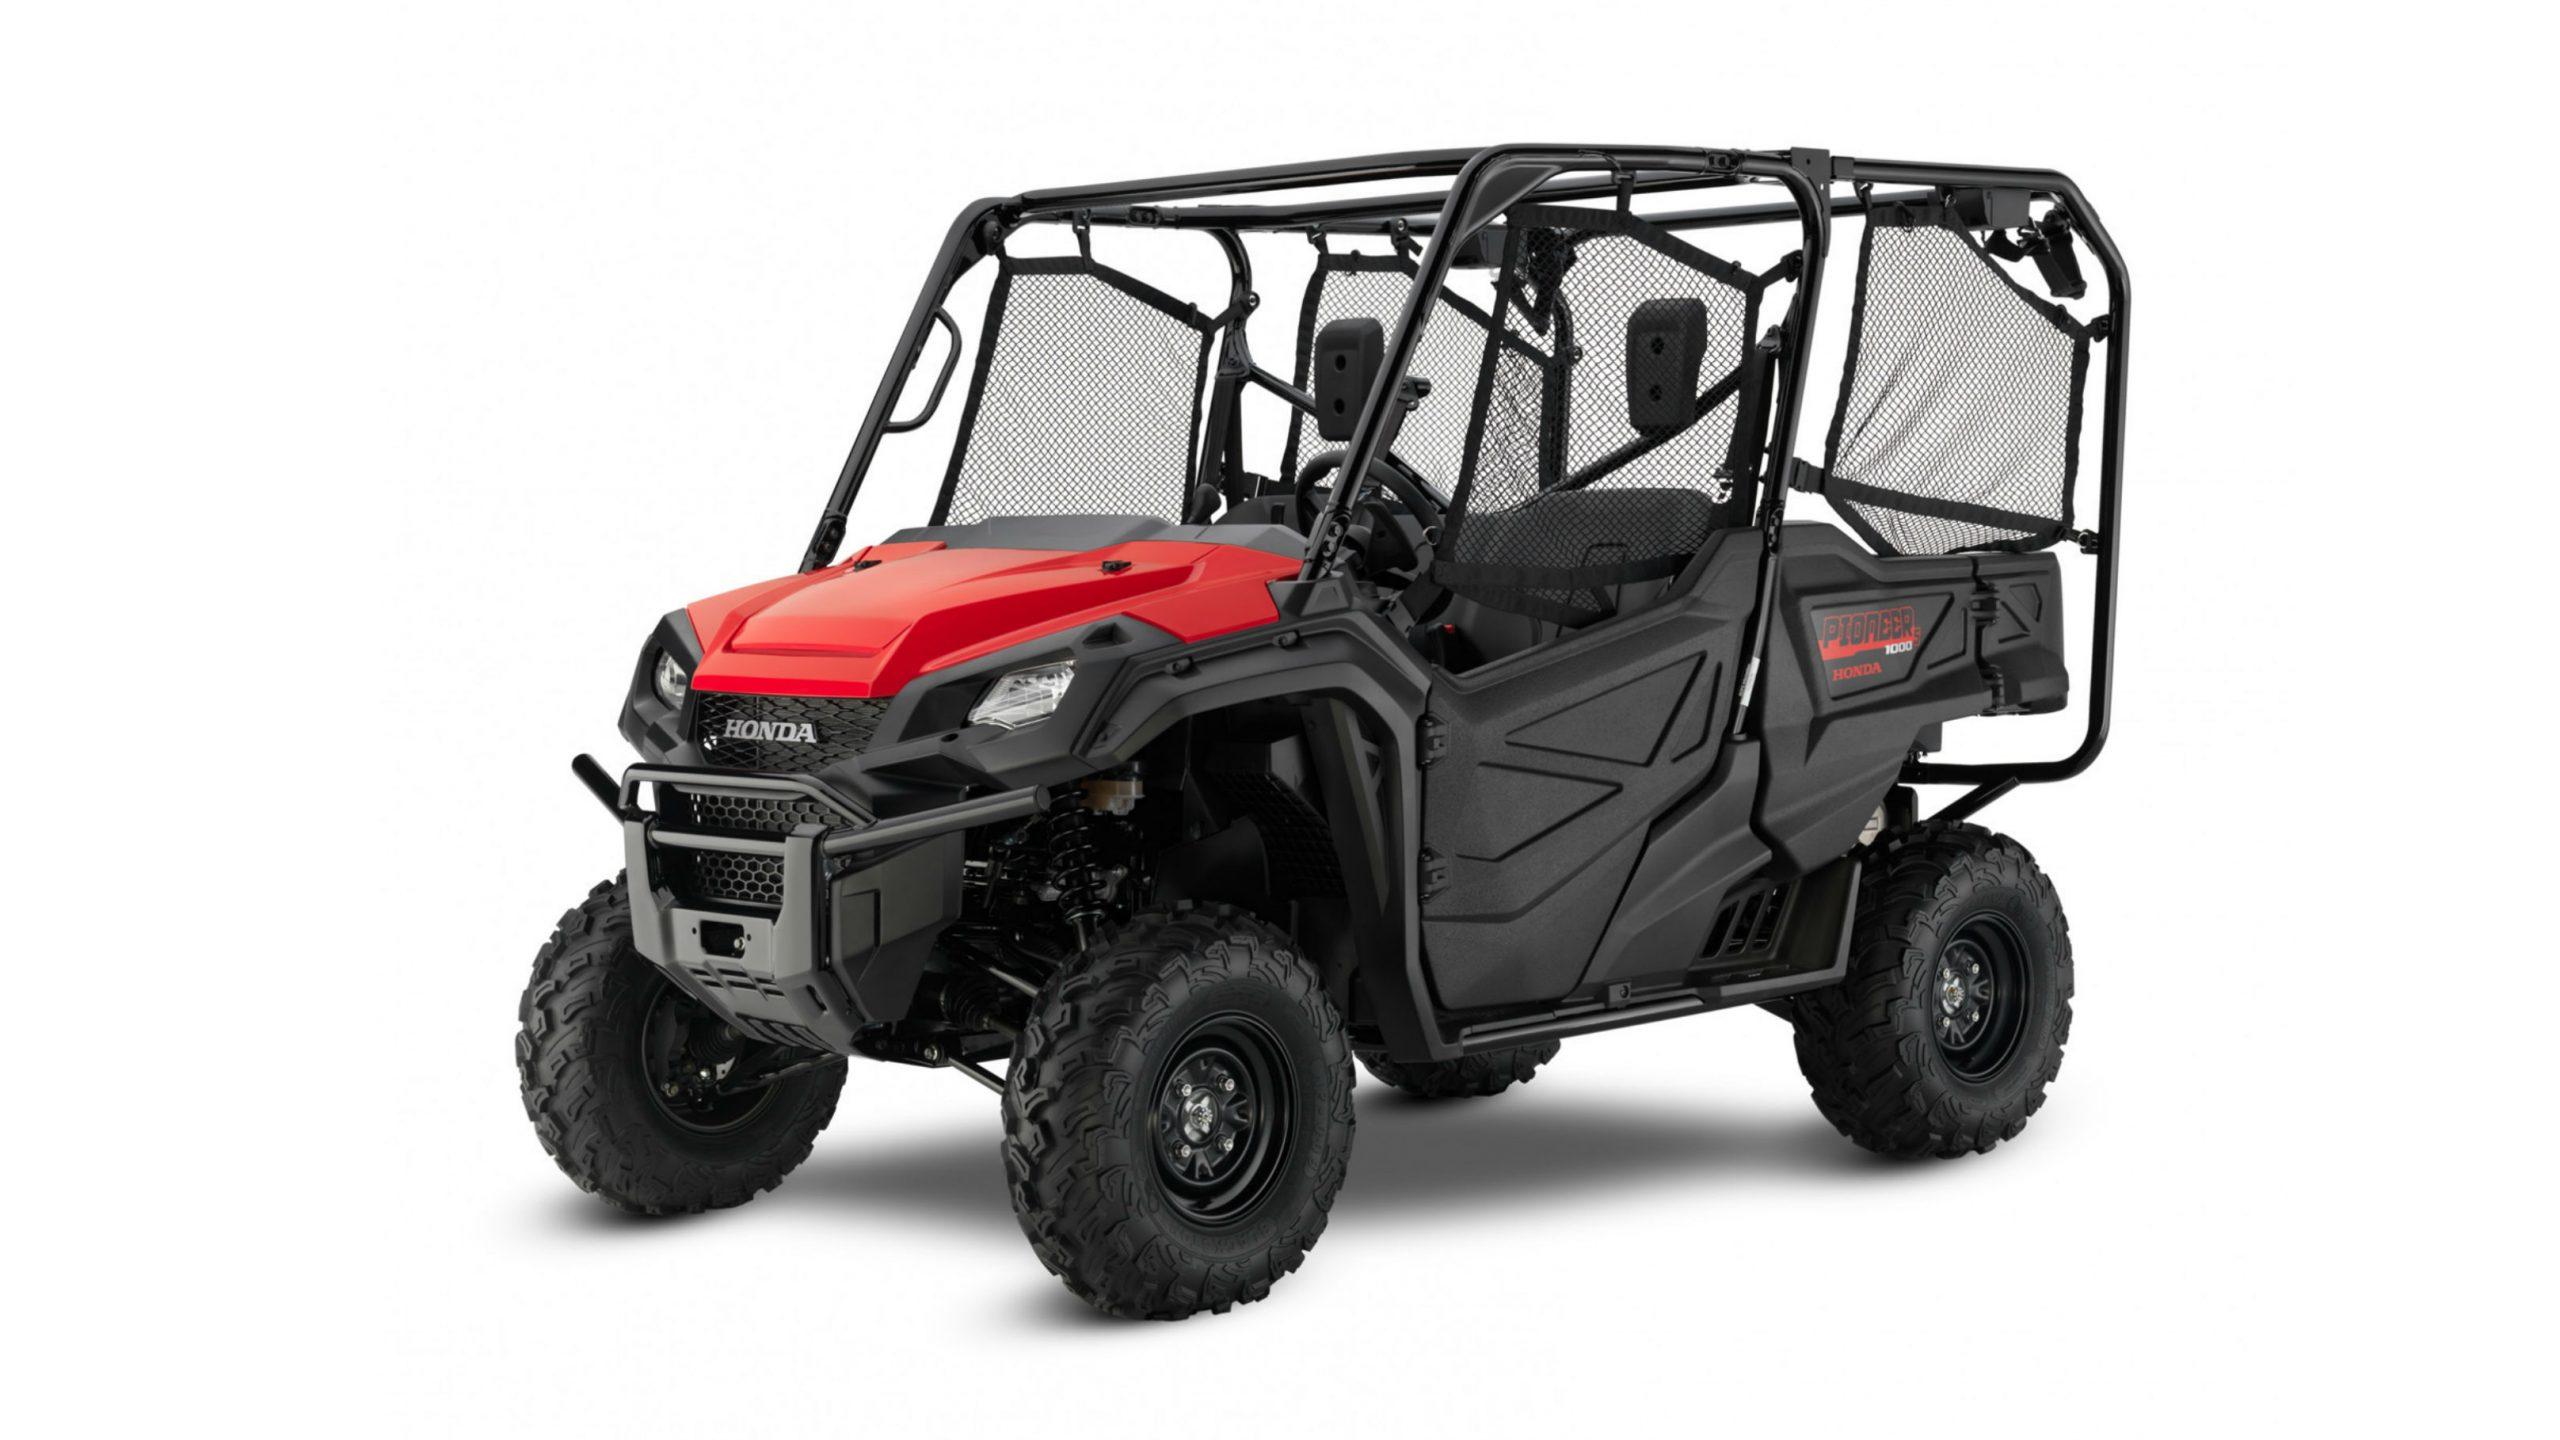 FourTrax multipurpose ATV